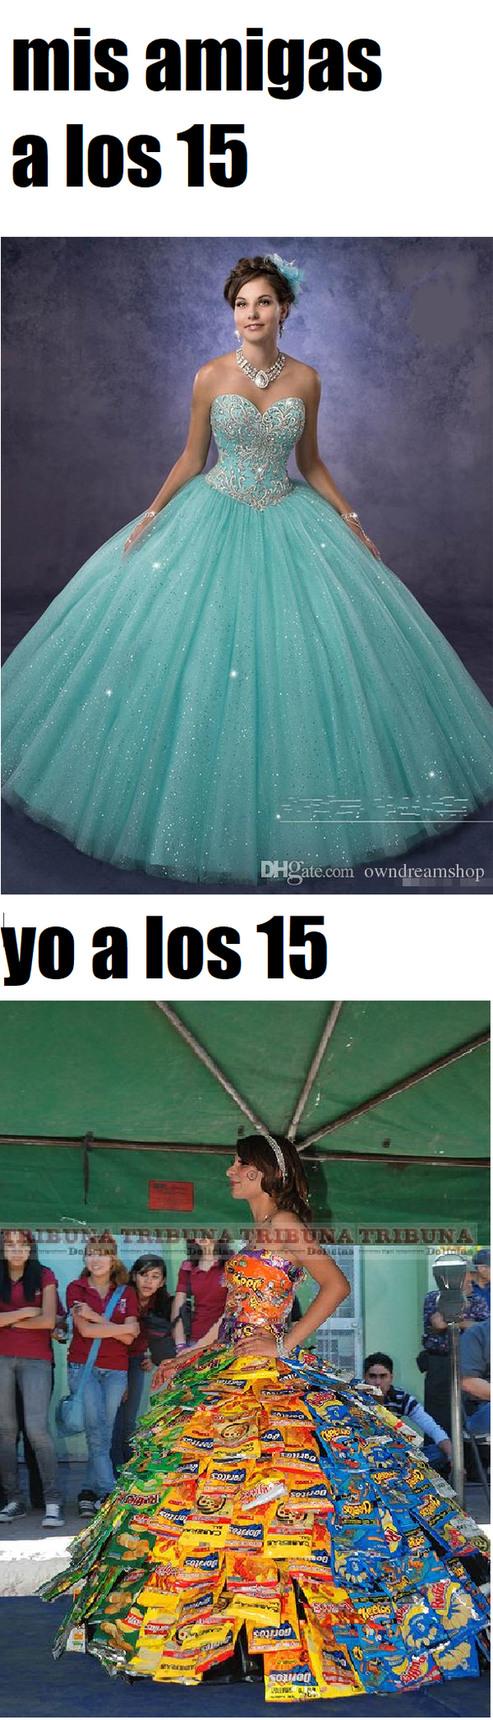 los 15 - meme